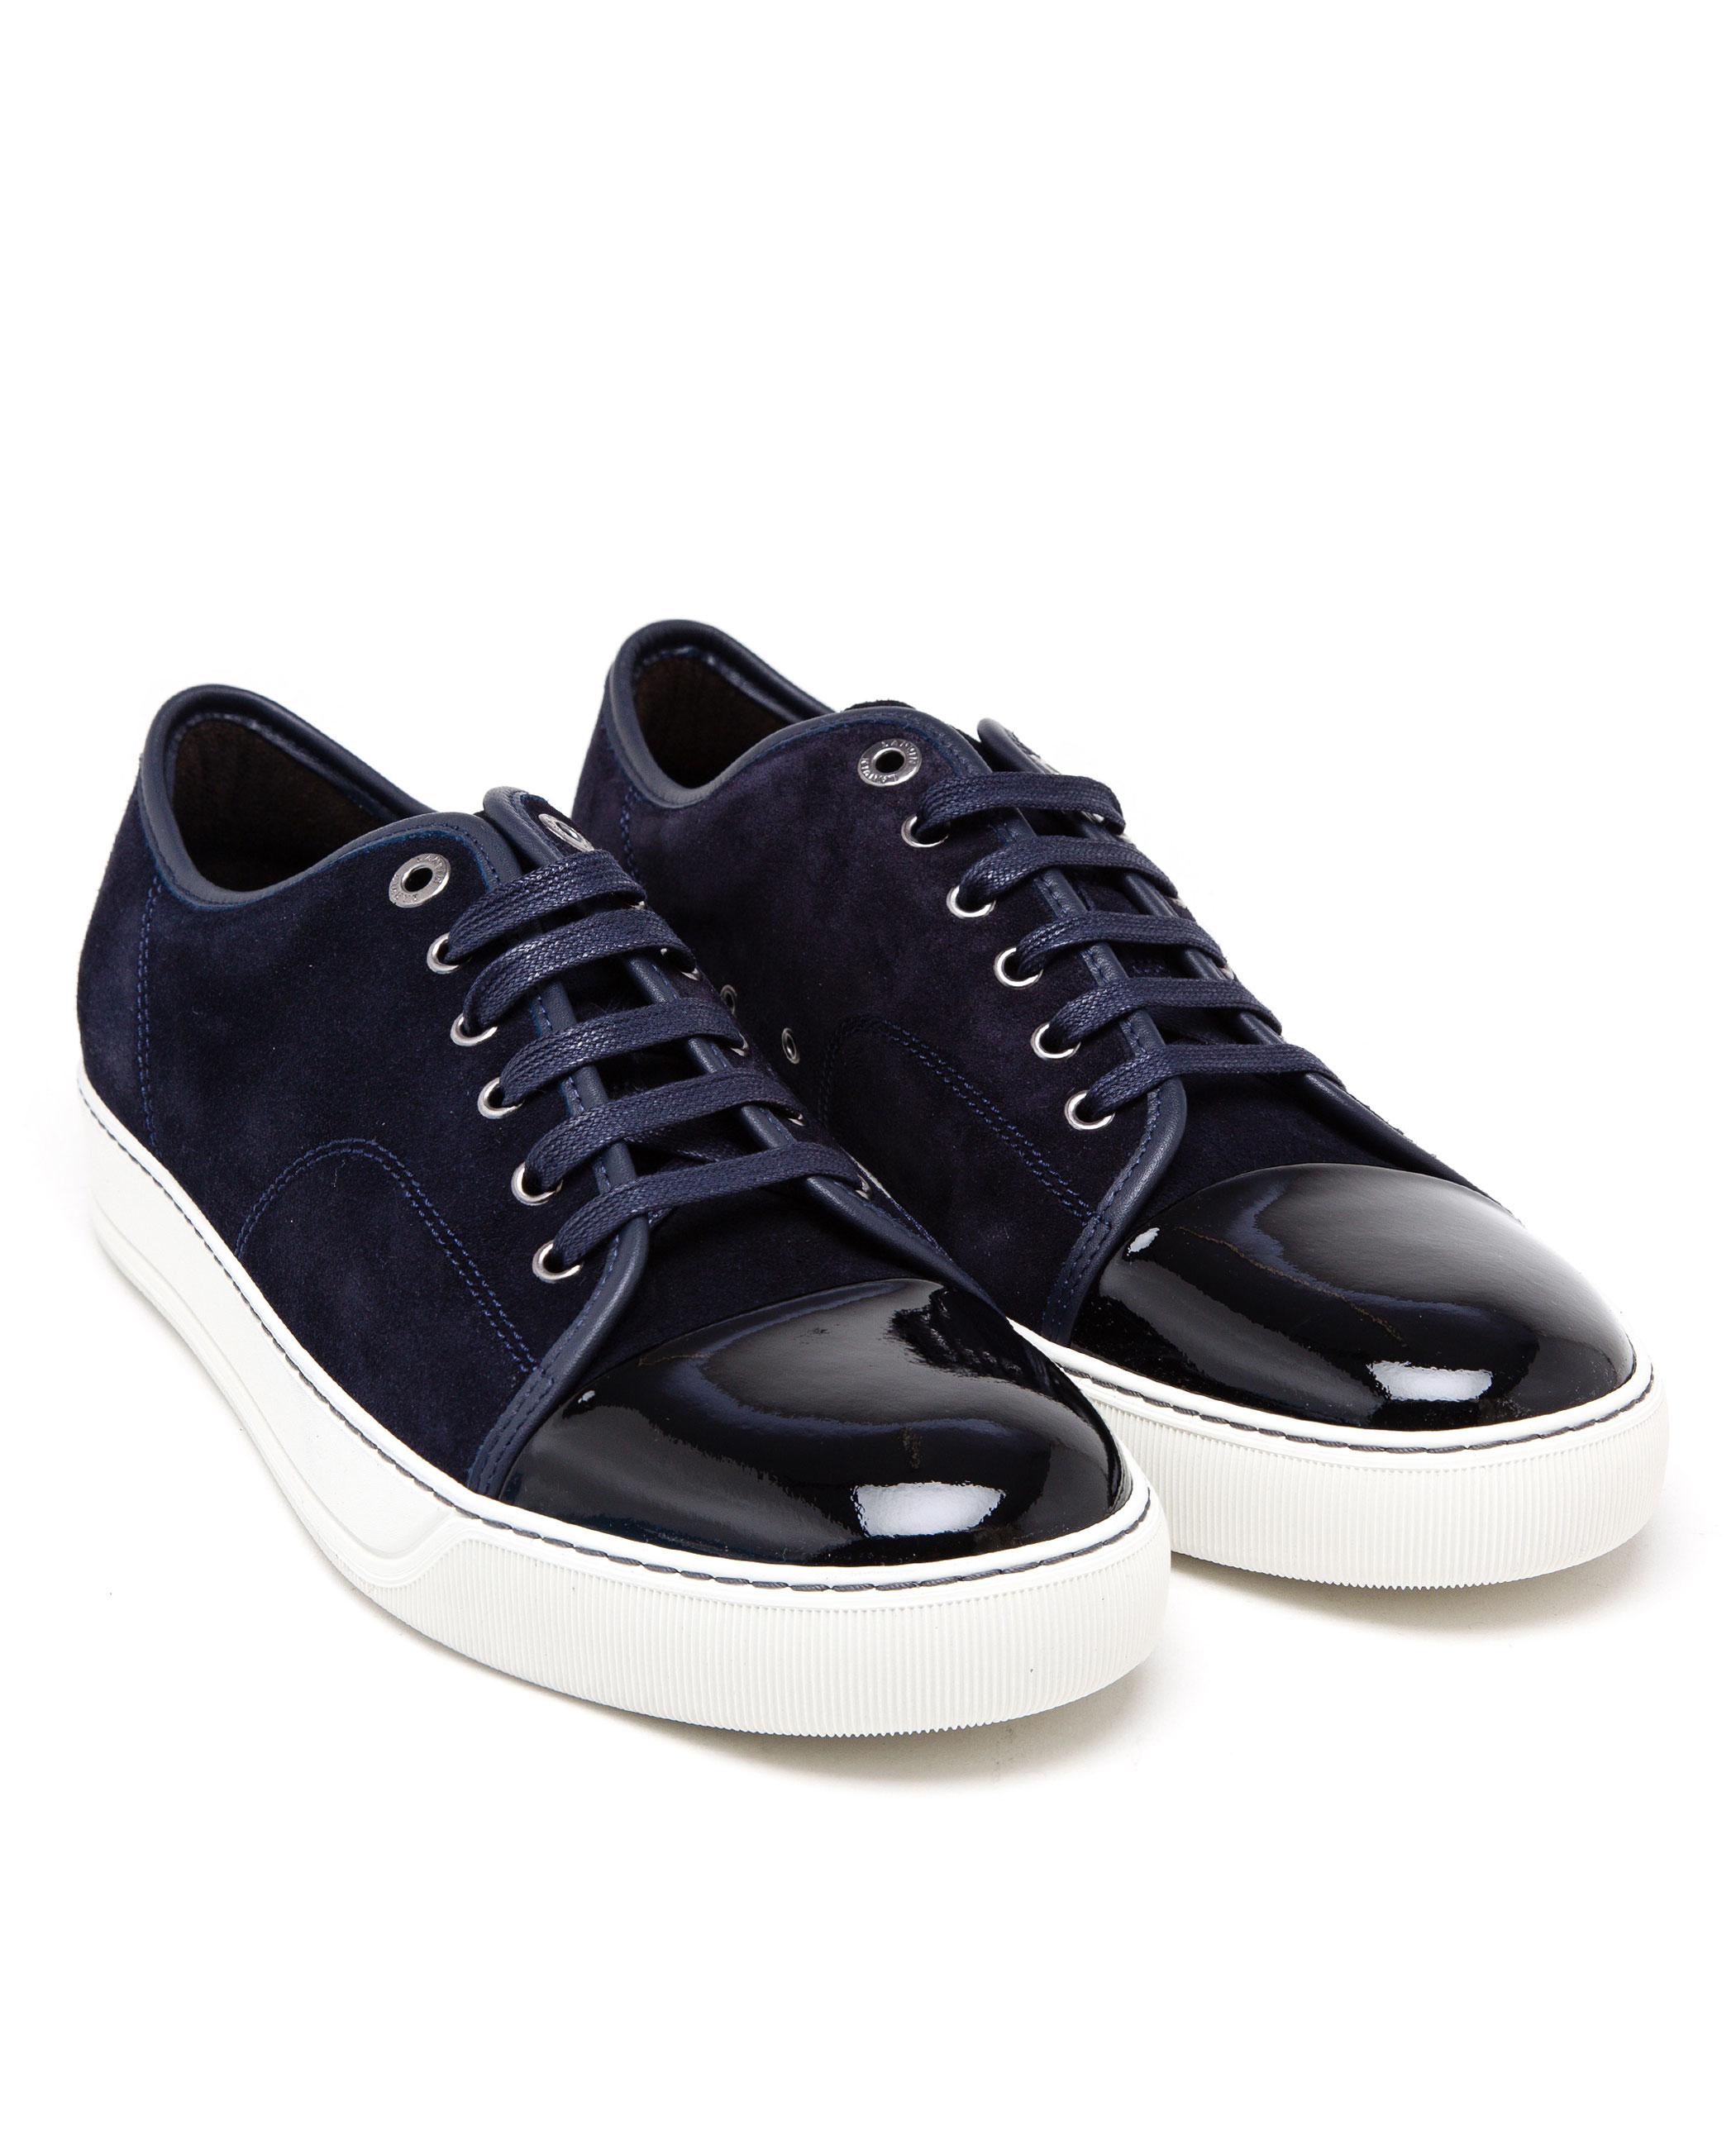 lanvin sneakers gallery ZVRZOIL